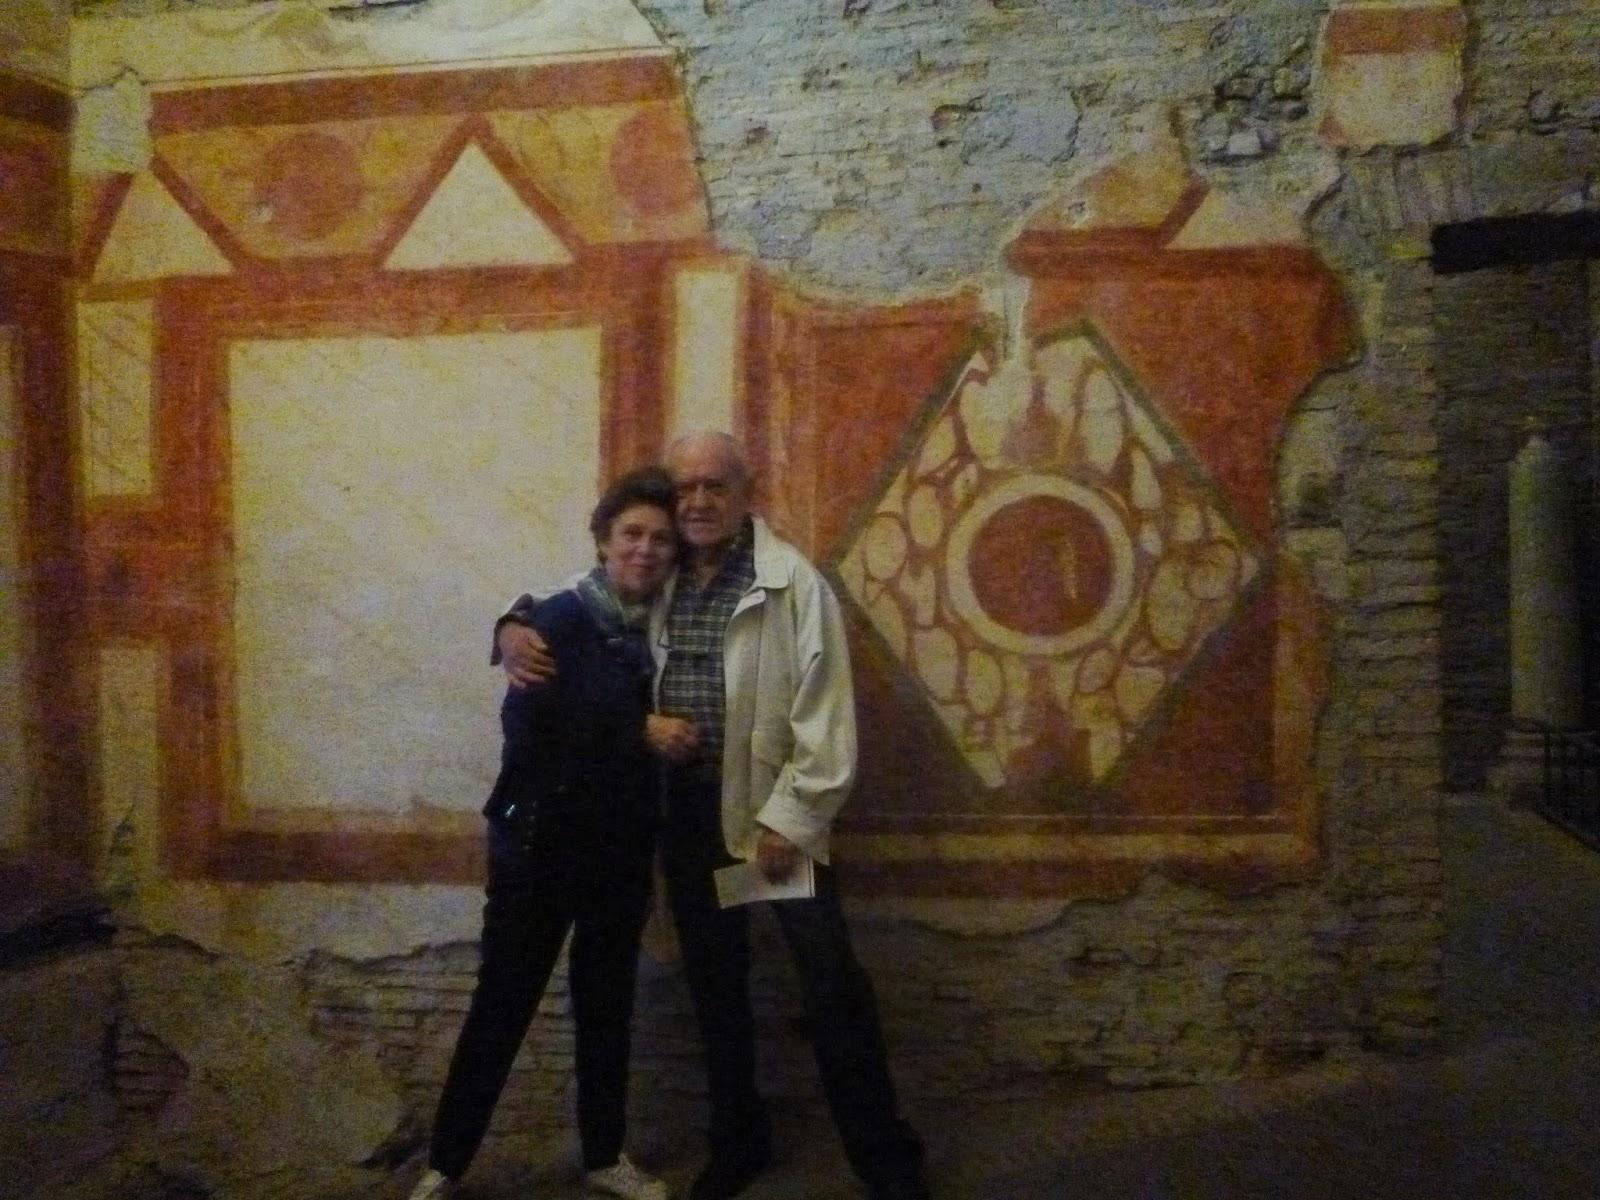 afresco casas romanas5 - Colina Celio, afrescos do período imperial